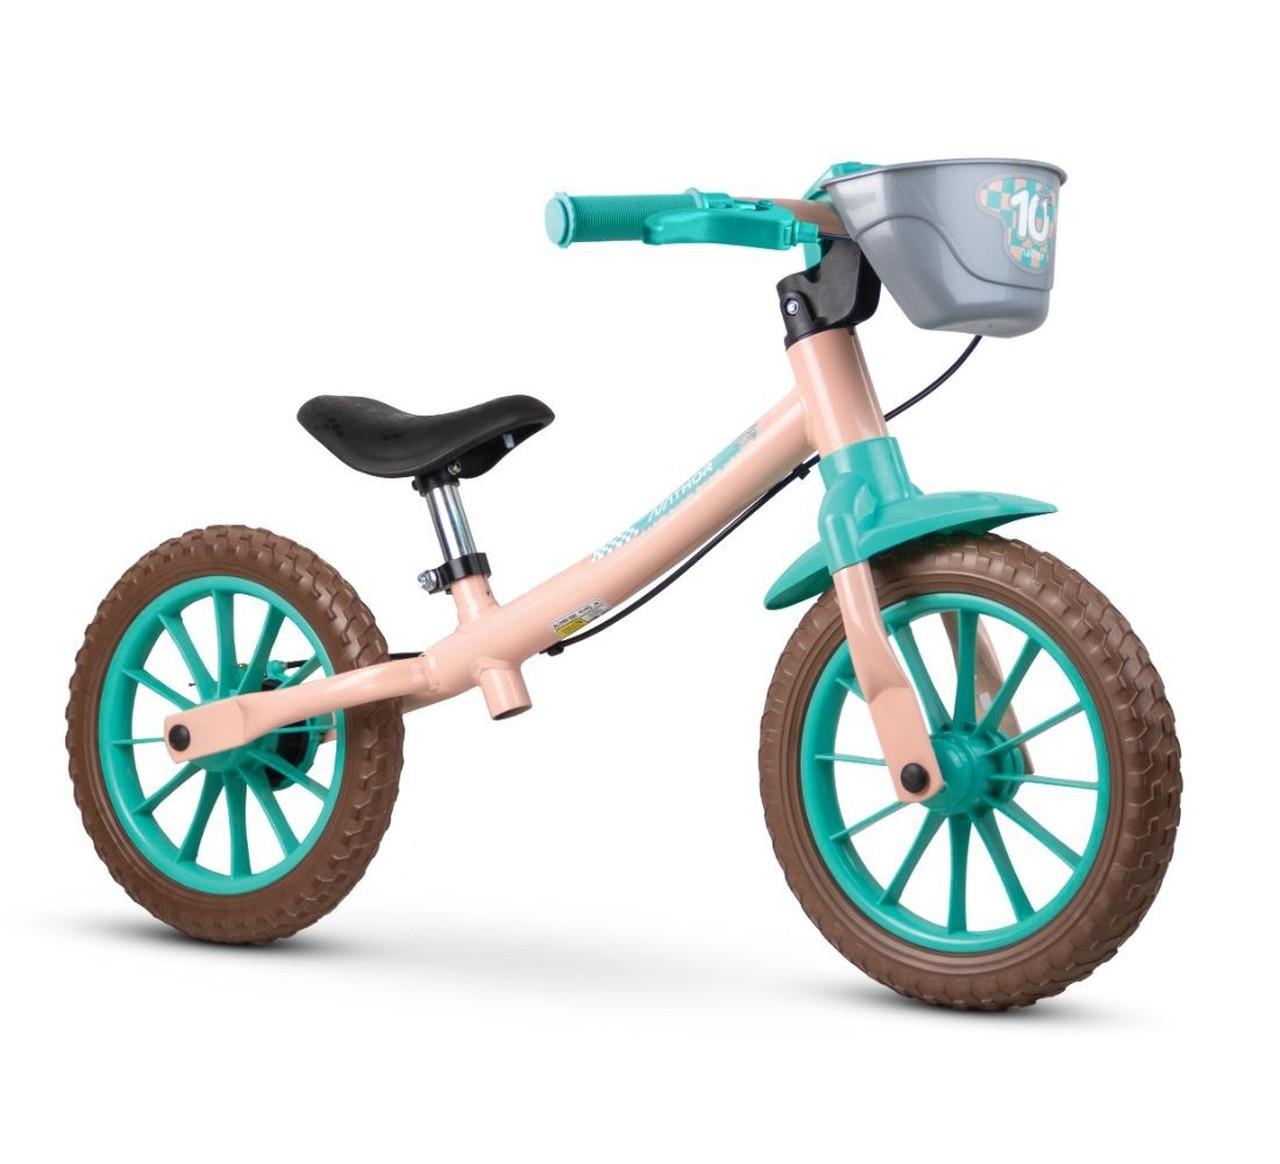 Bicicleta Equilíbrio Sem Pedal Balance Love - Nathor